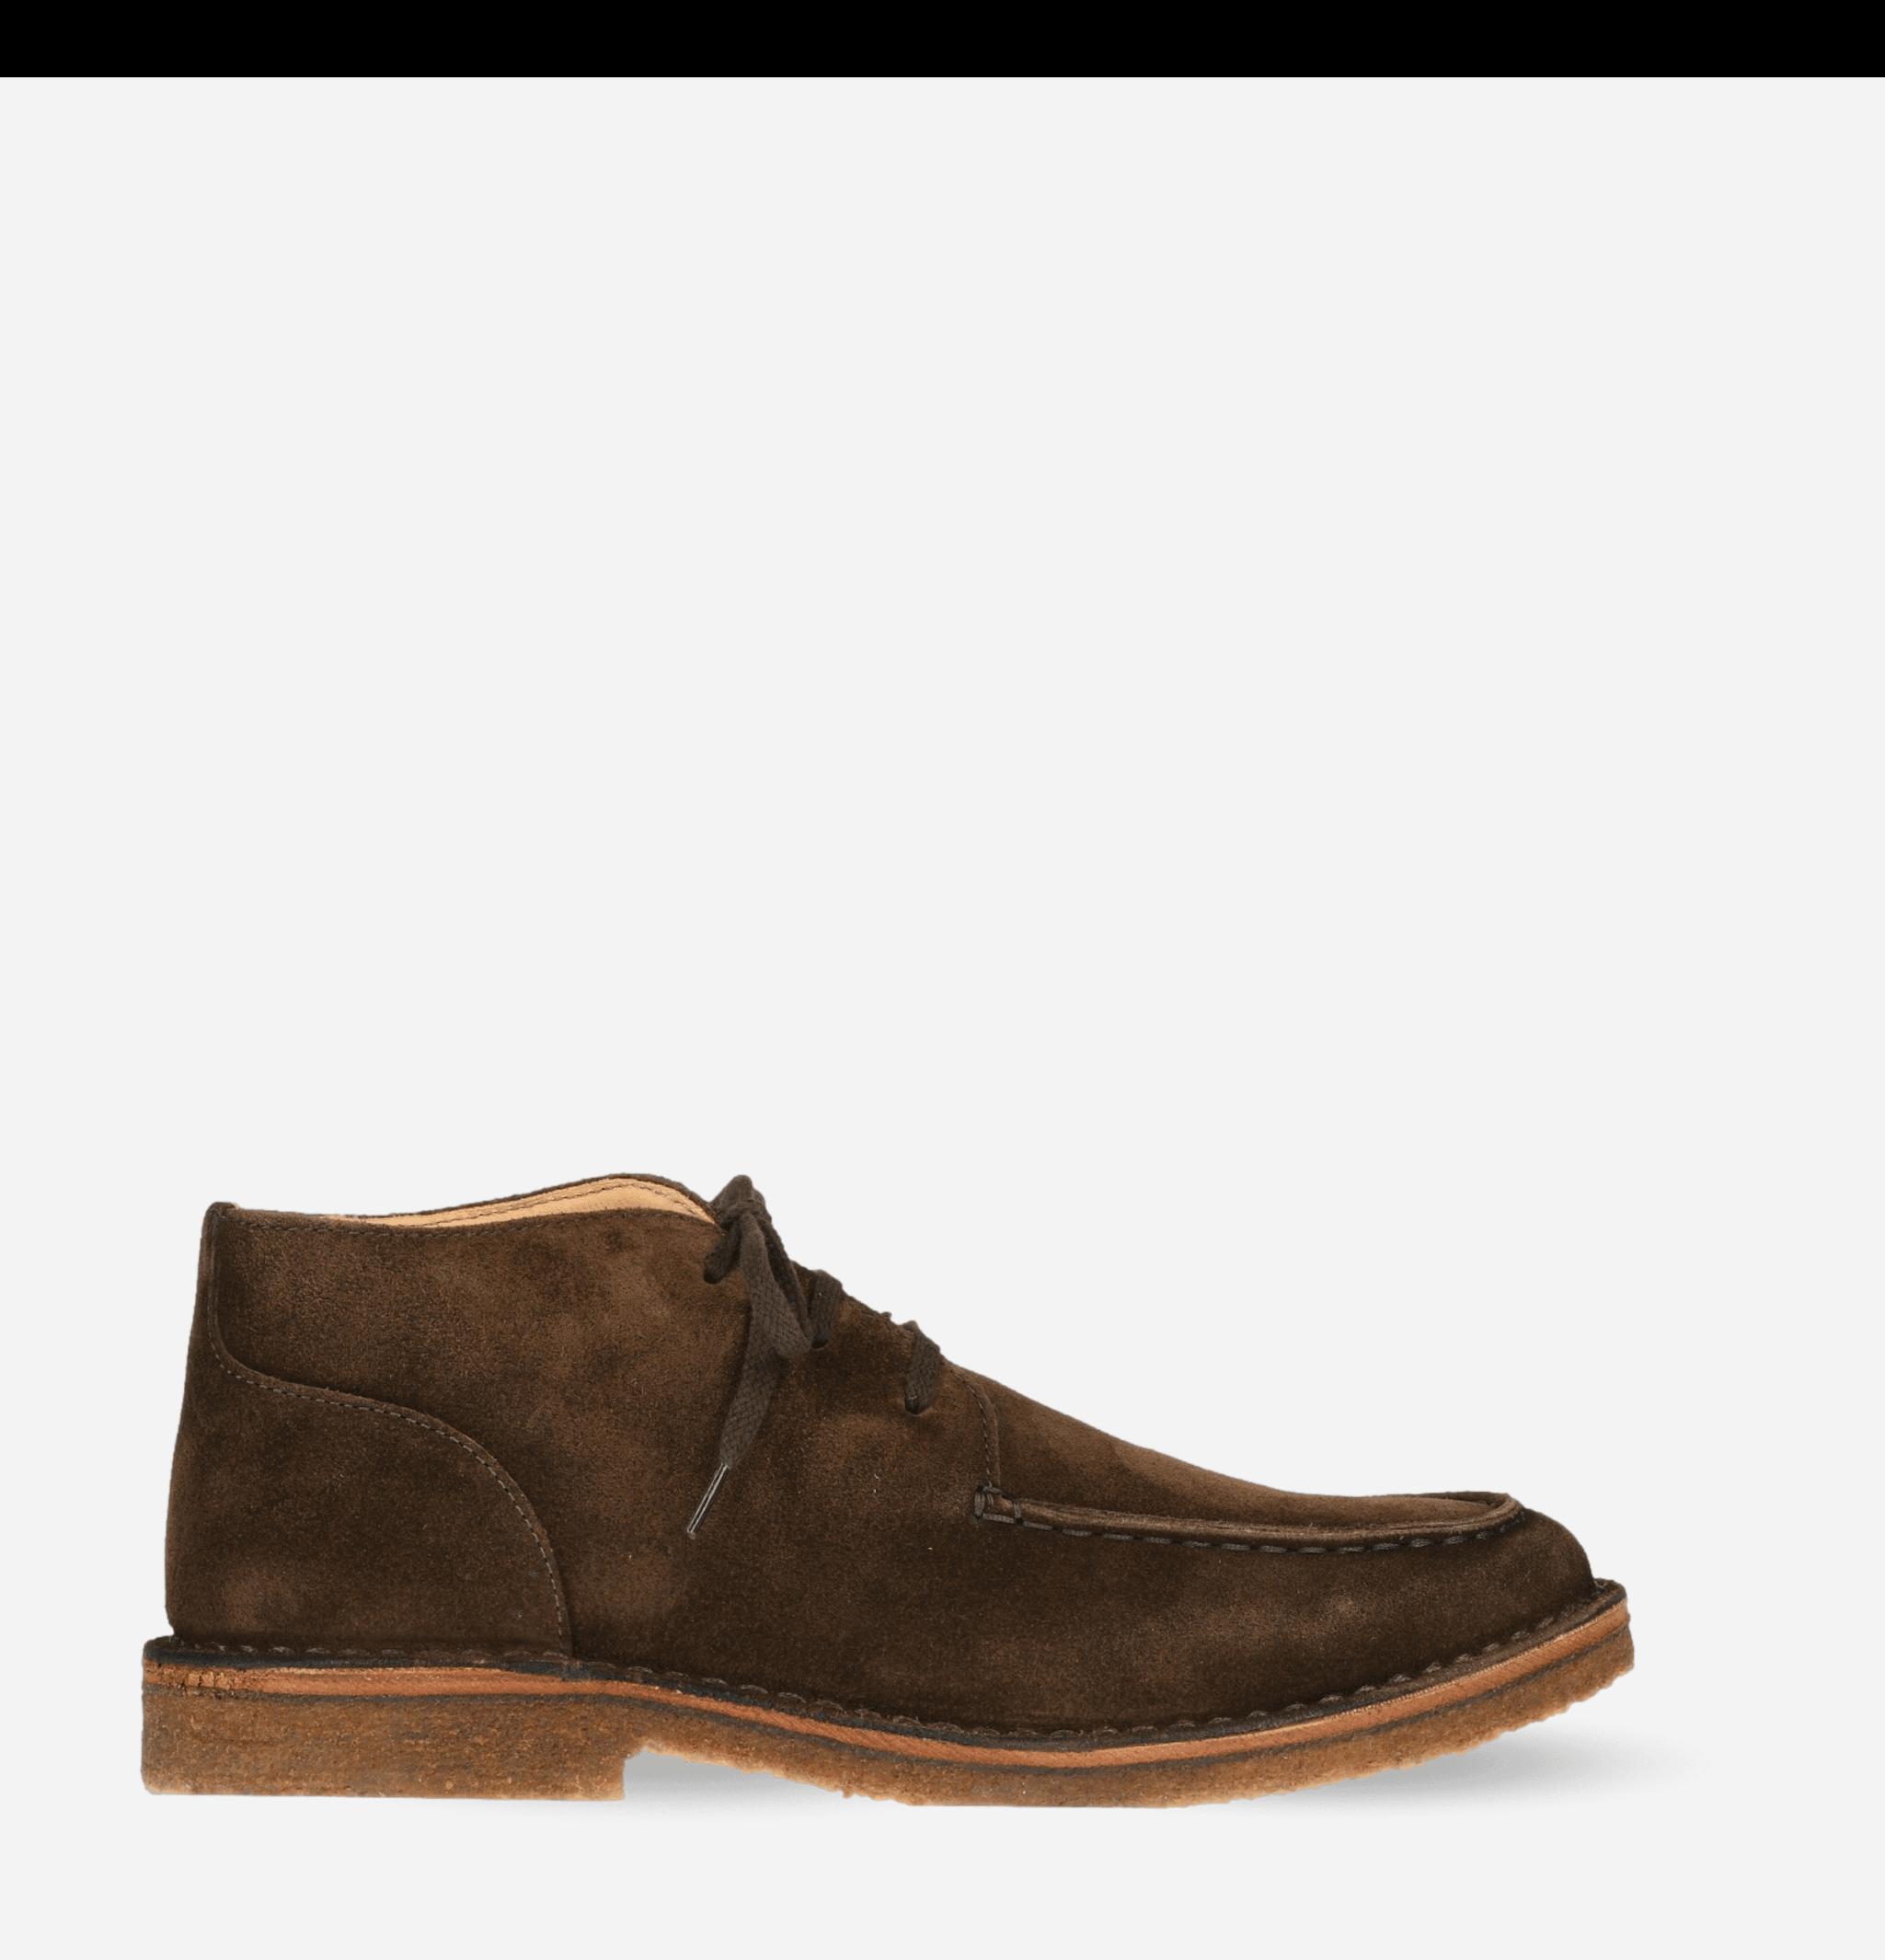 Deuxflex Boots Dark Chestnut